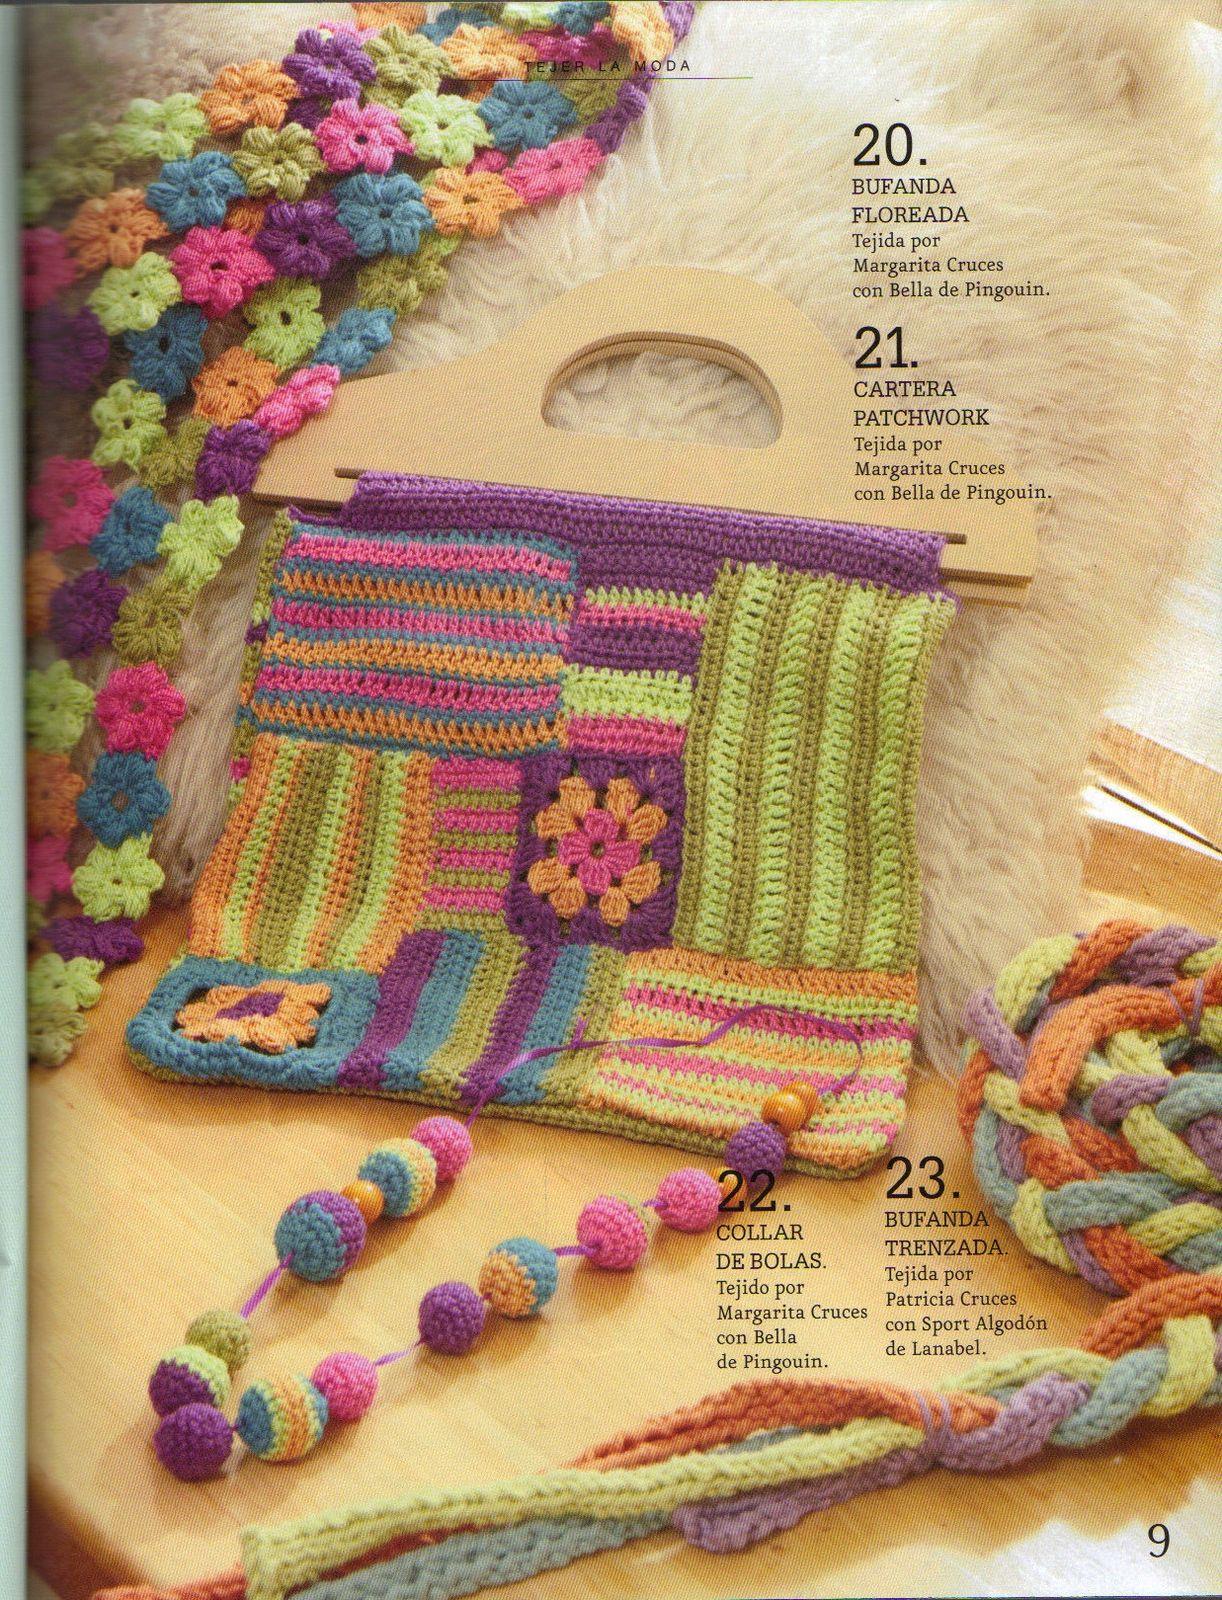 Conjunto Crochet Bufanda Flores, Cartera Patchwork